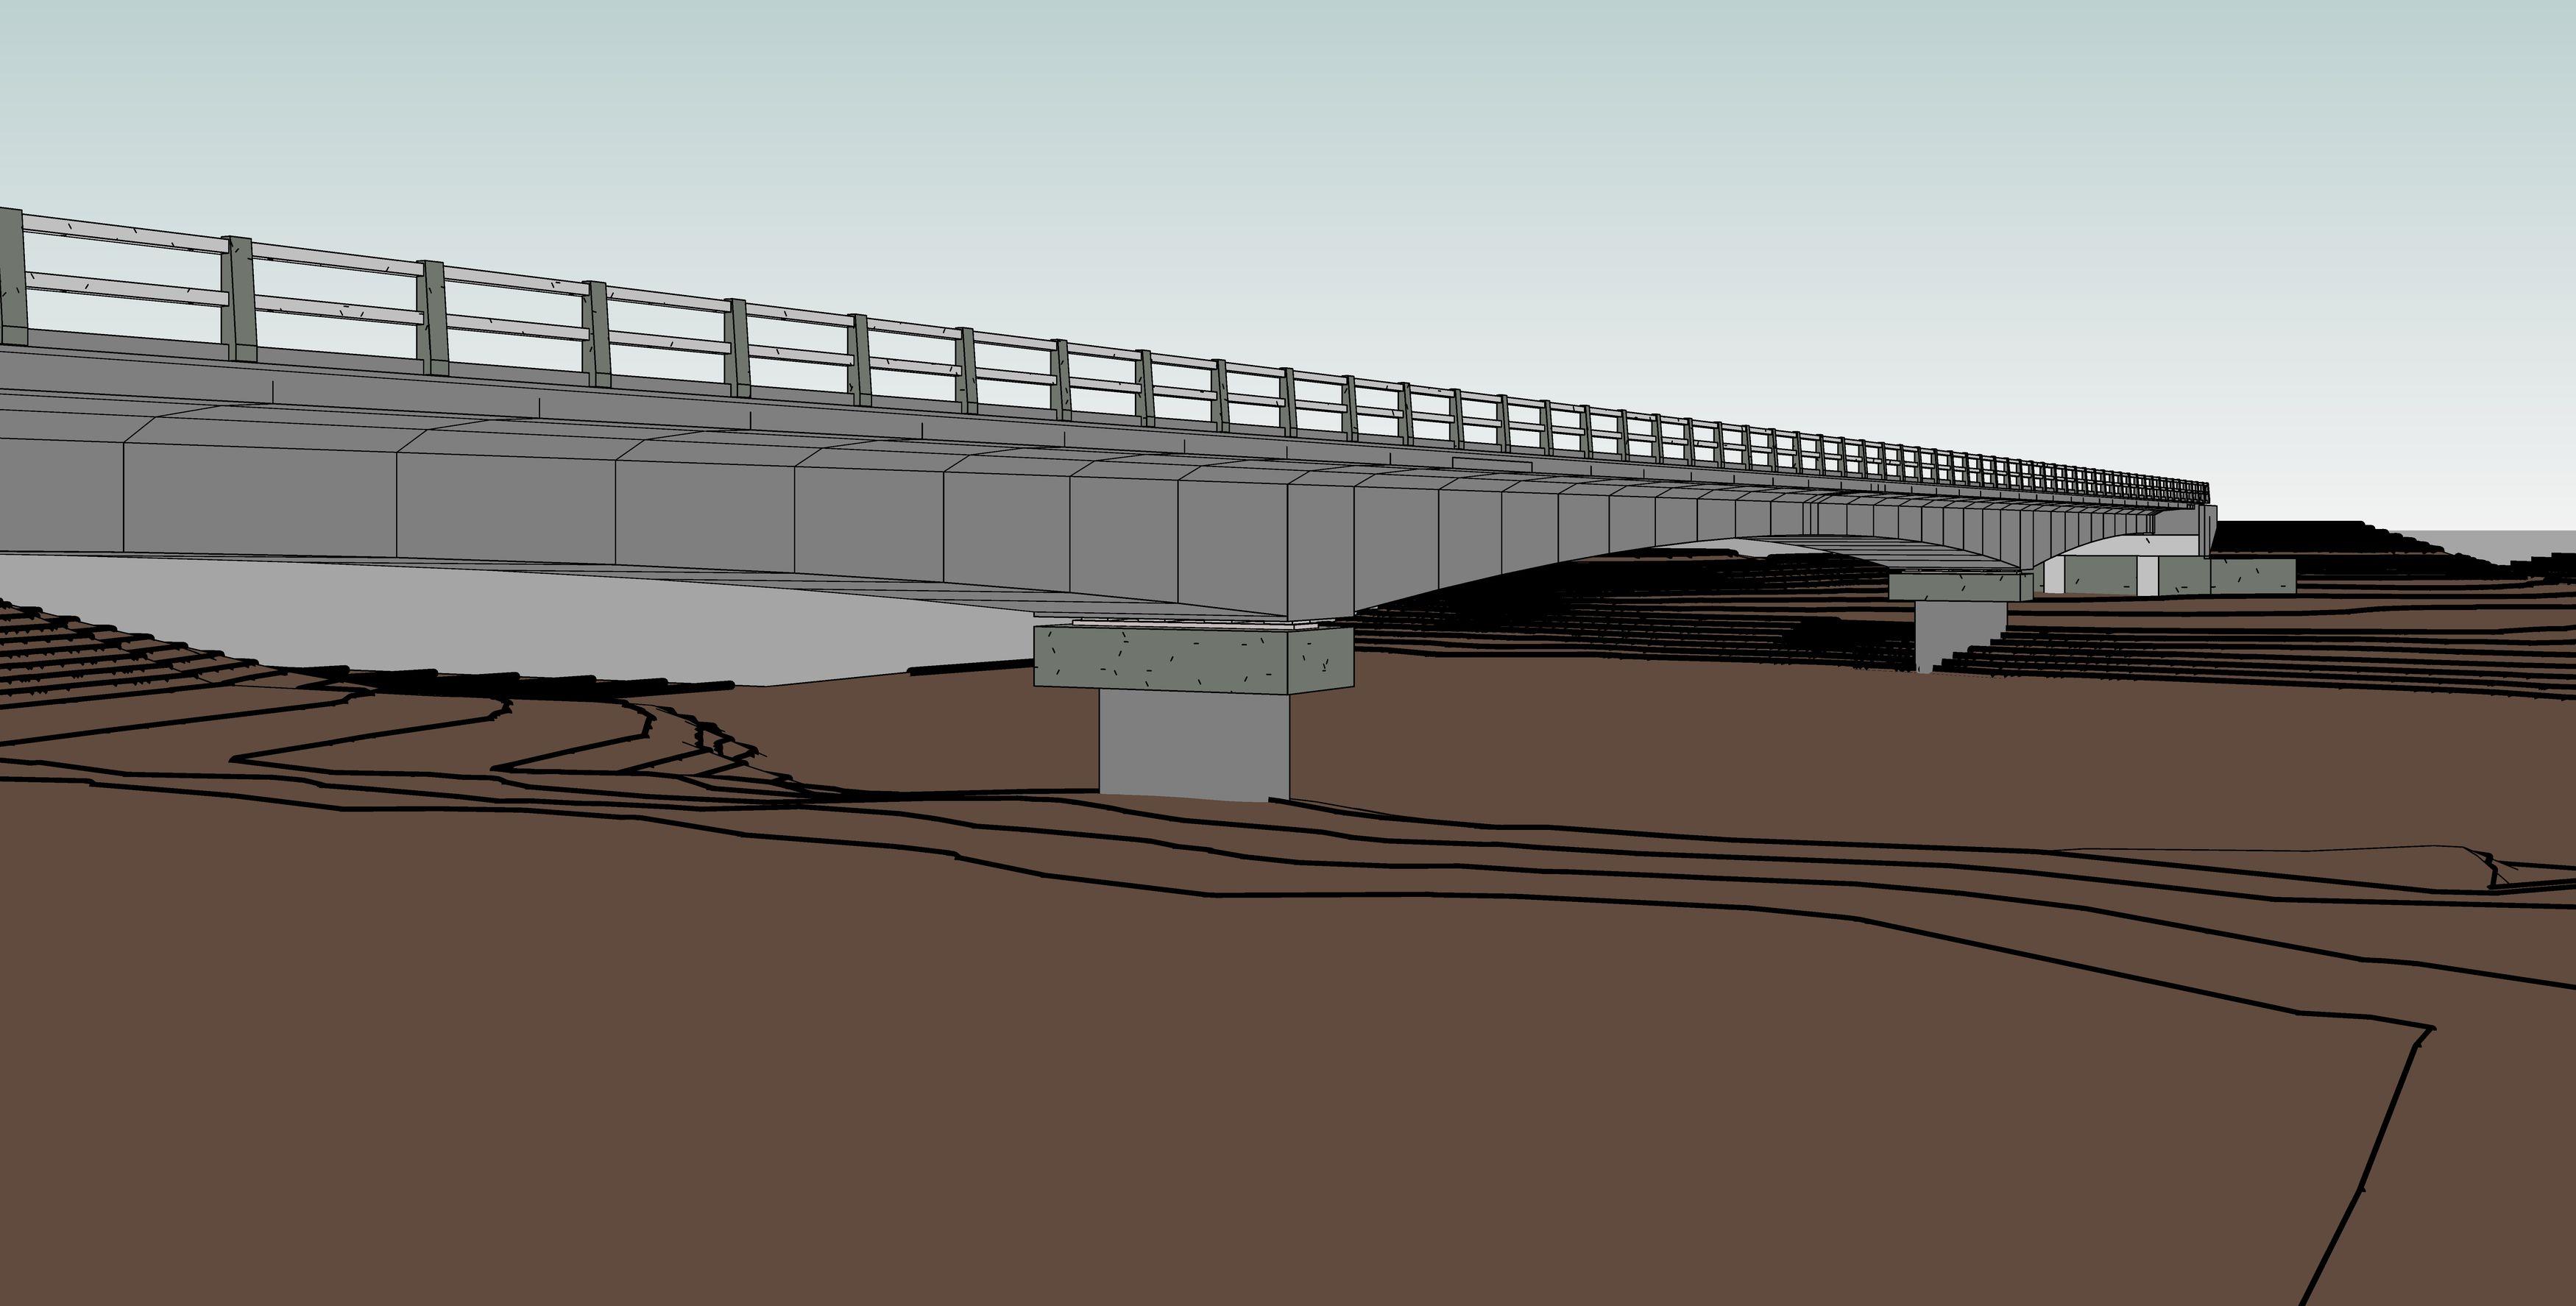 133---modelo-puente-rev27-3500-3500